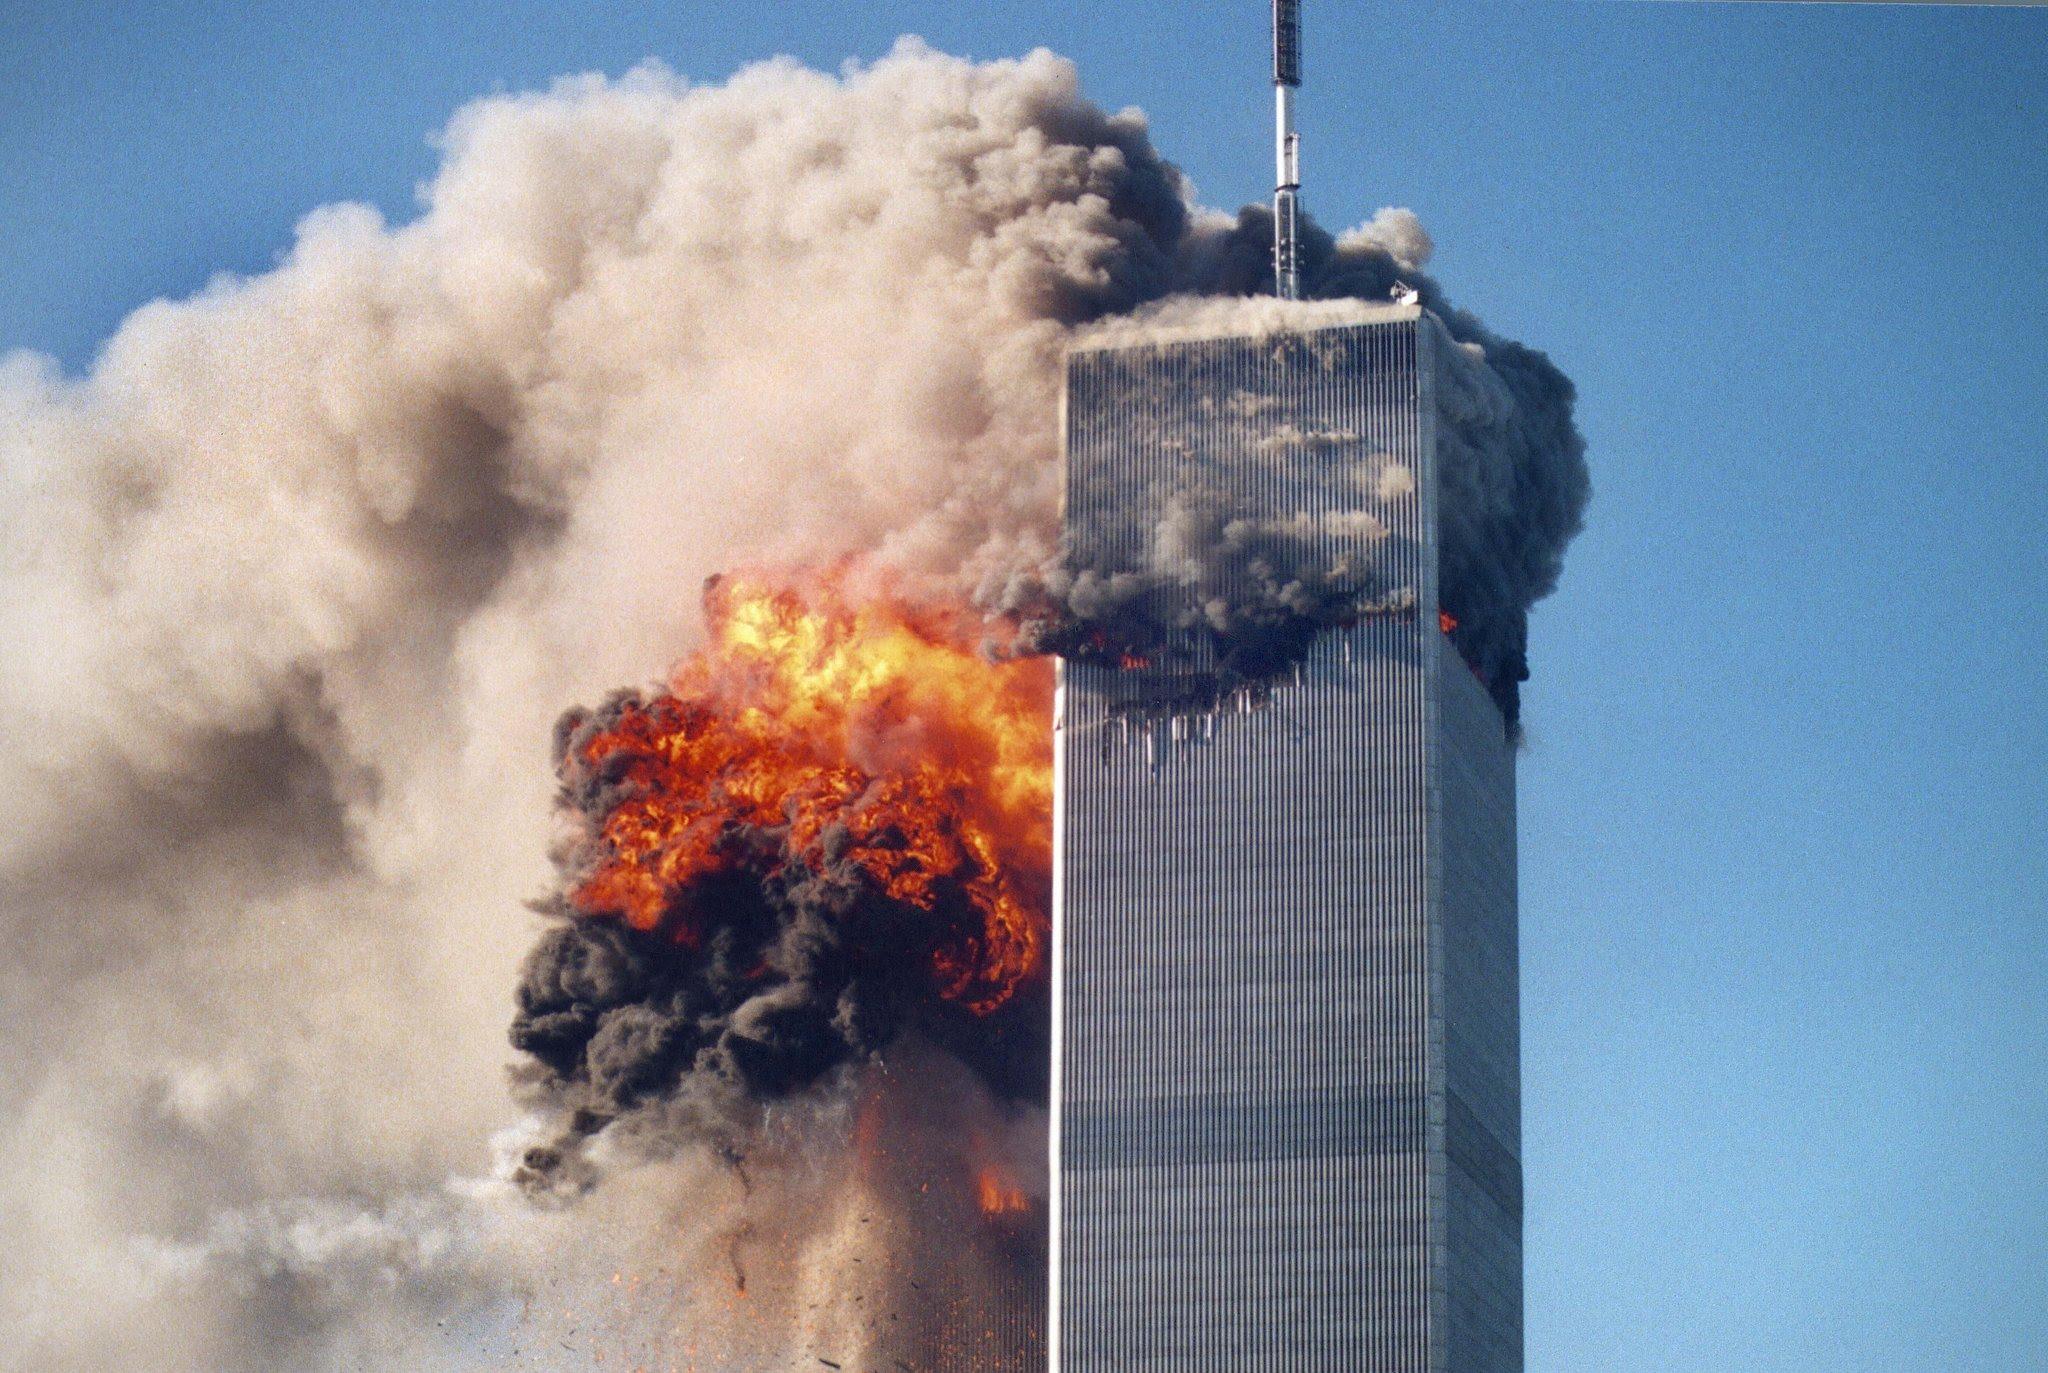 Datos Curiosos sobre los atentados del 11 de Septiembre.